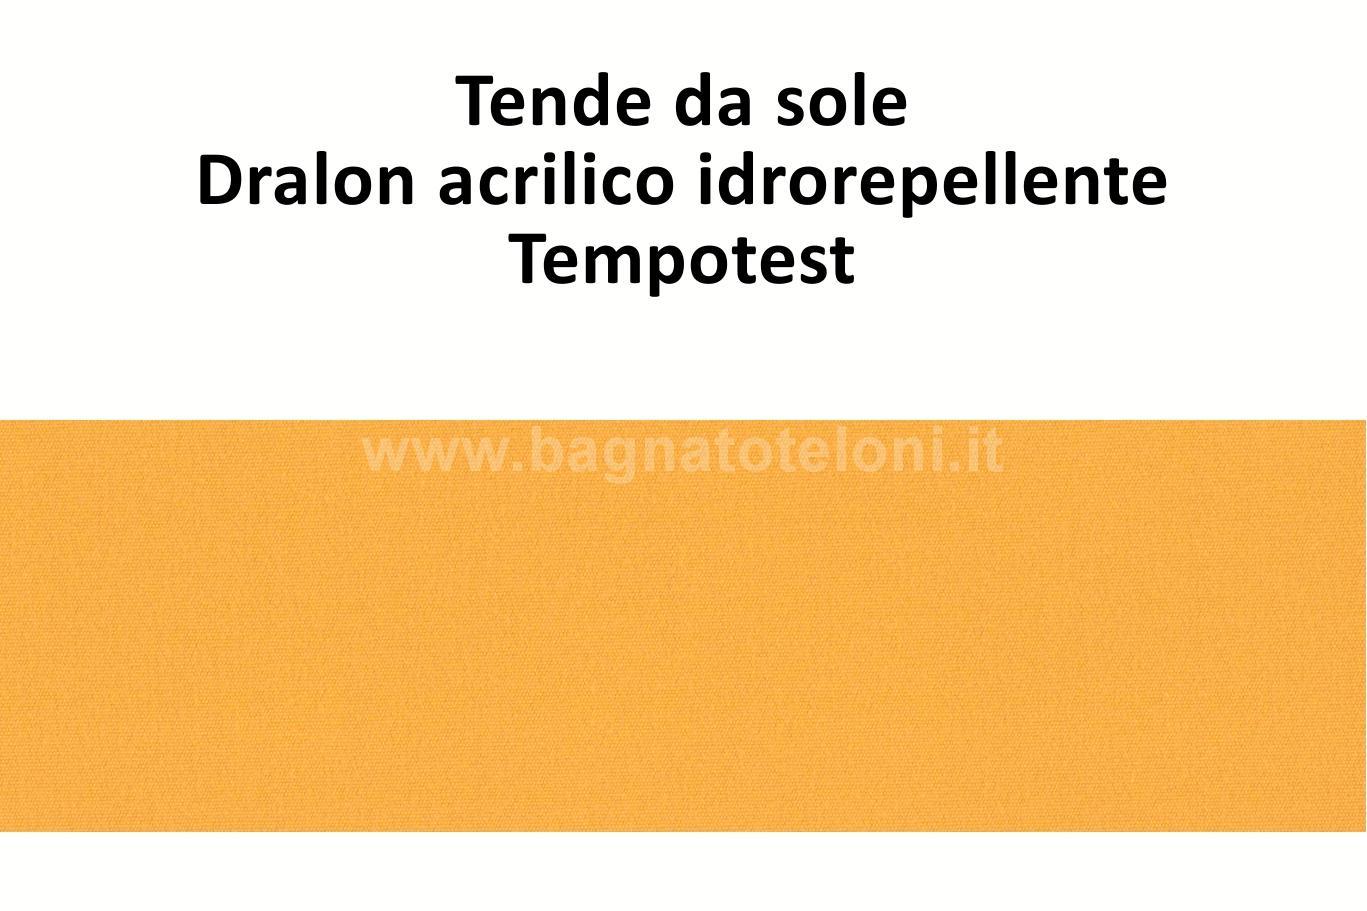 tende da sole dralon acrilico idrorepellente arancio